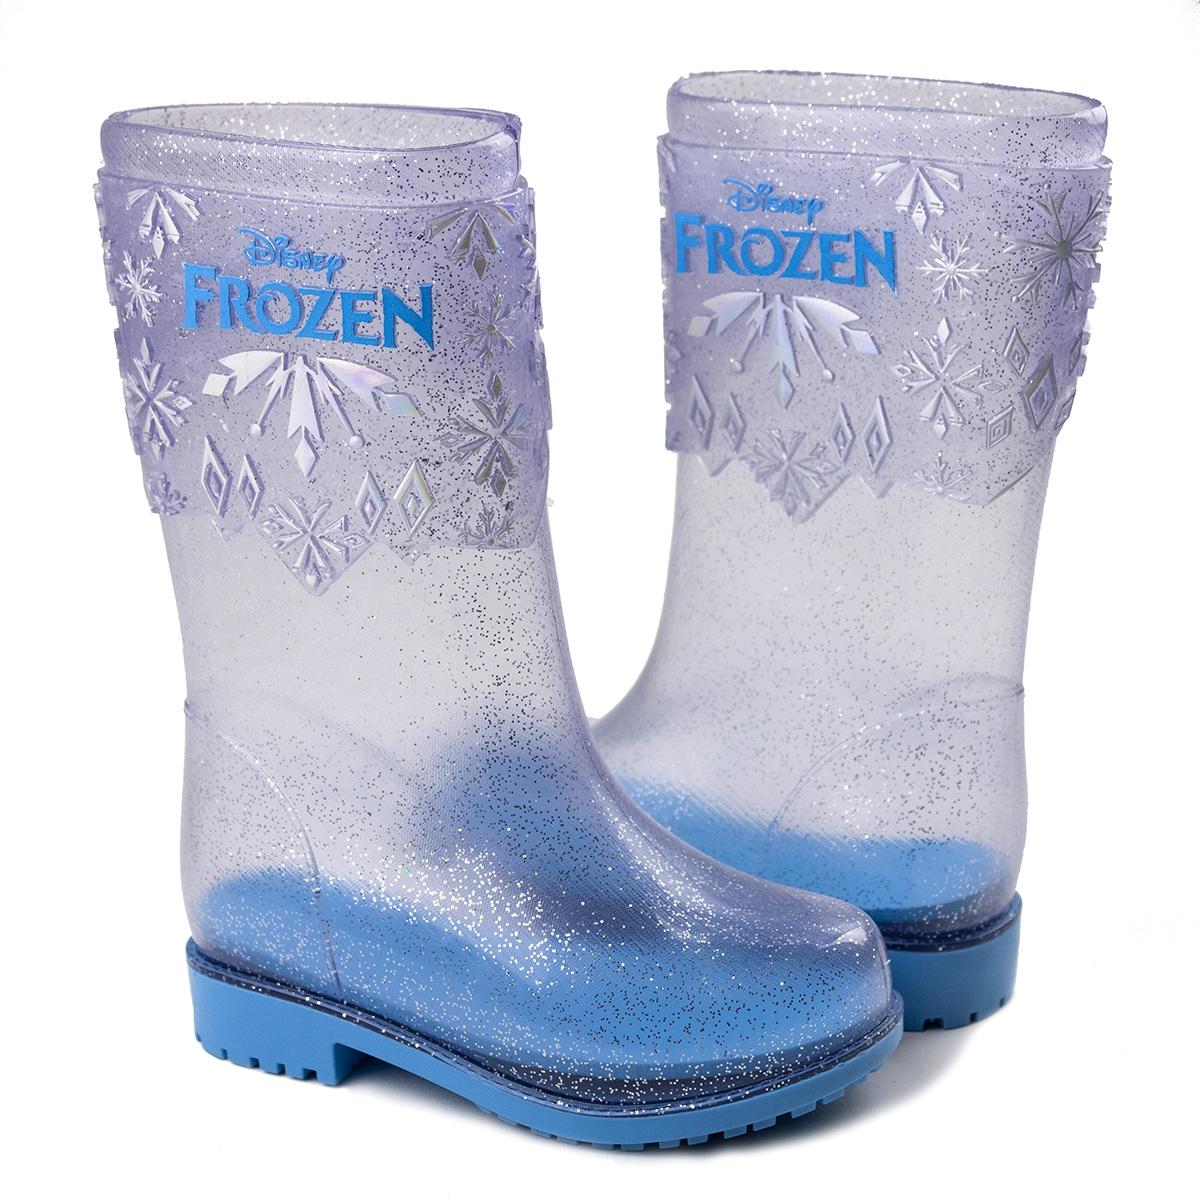 Galocha Froozen Infantil Feminino Grendene - Vidro glitter/azul